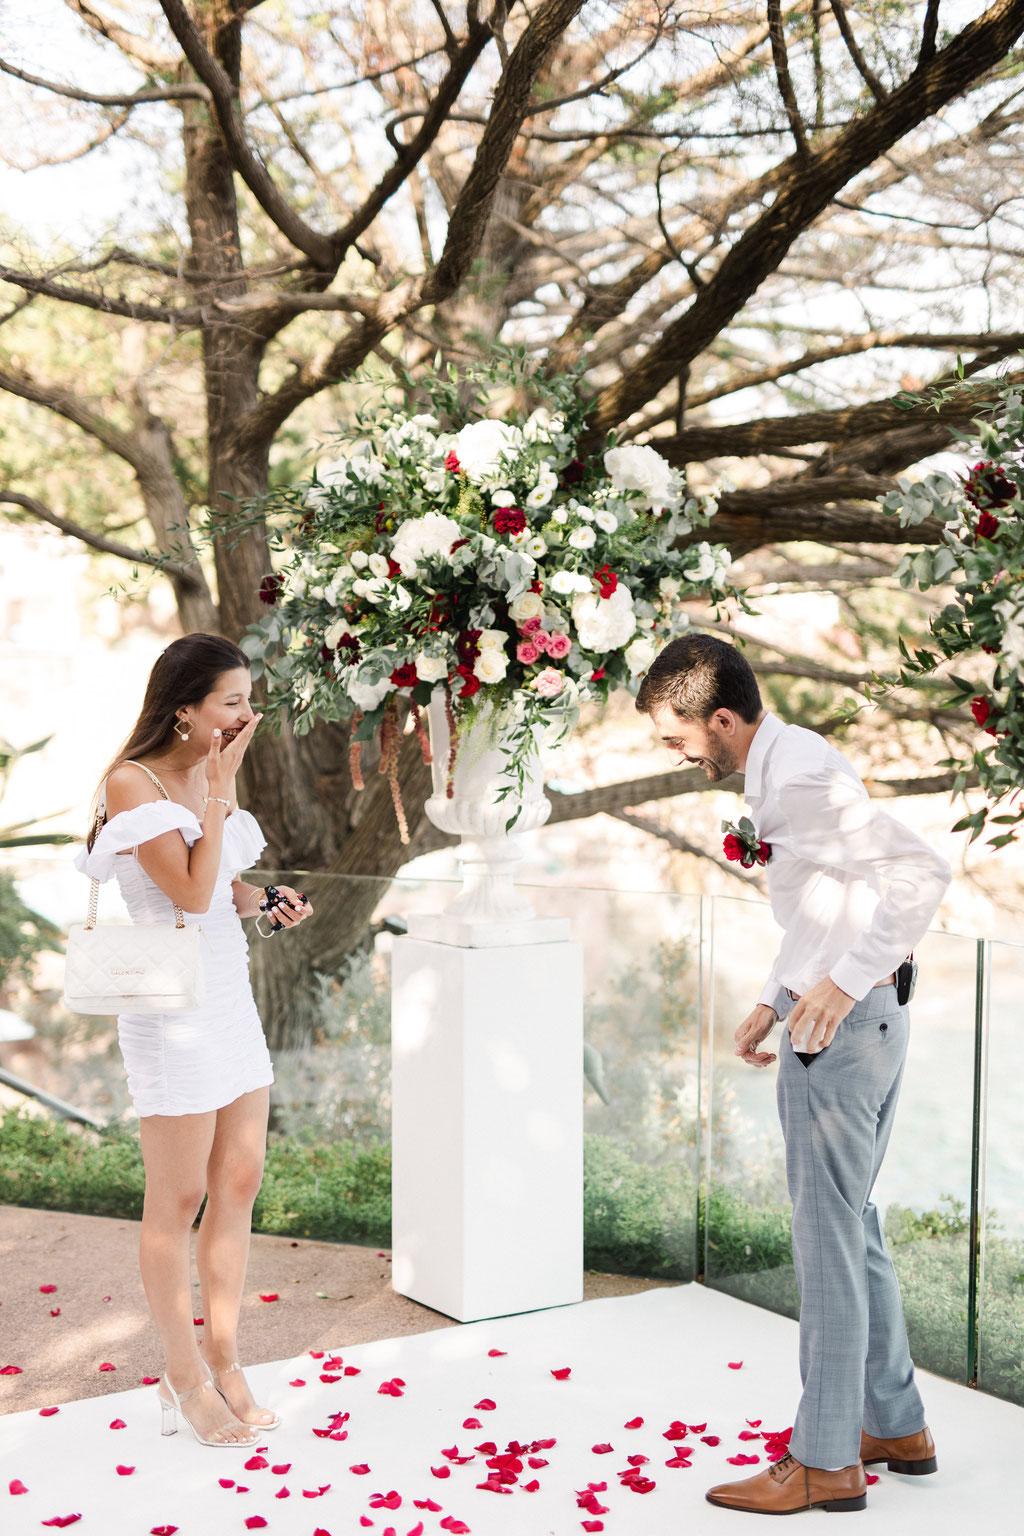 Demande en mariage Romantique Côte d'Azur